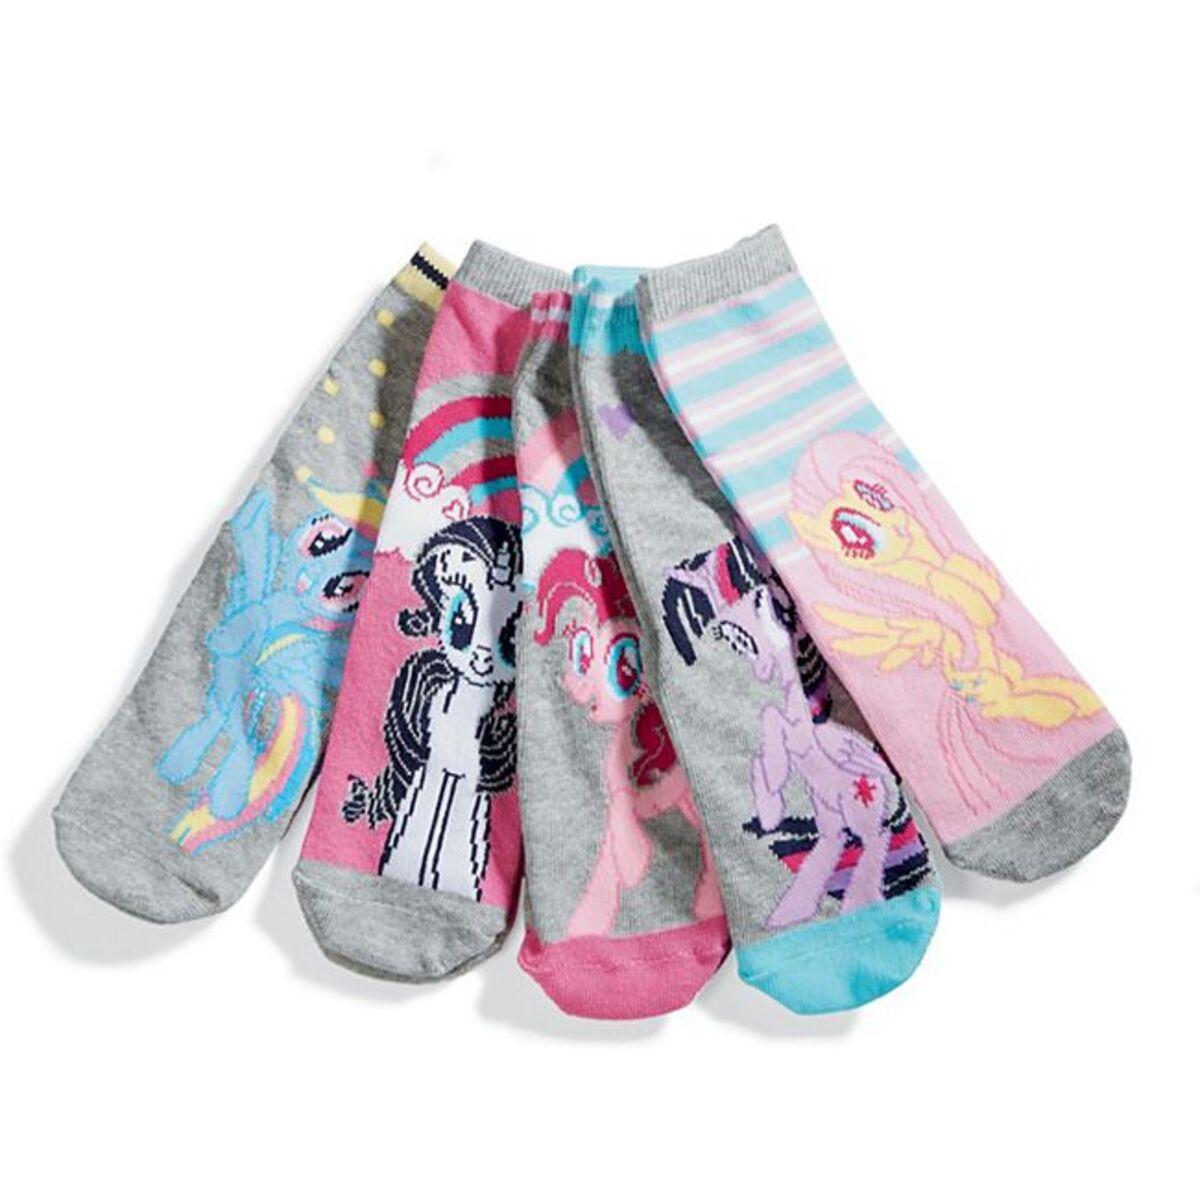 Bild 1 von Kinder Socken, 5er Pack, My little pony Gr. 31-34